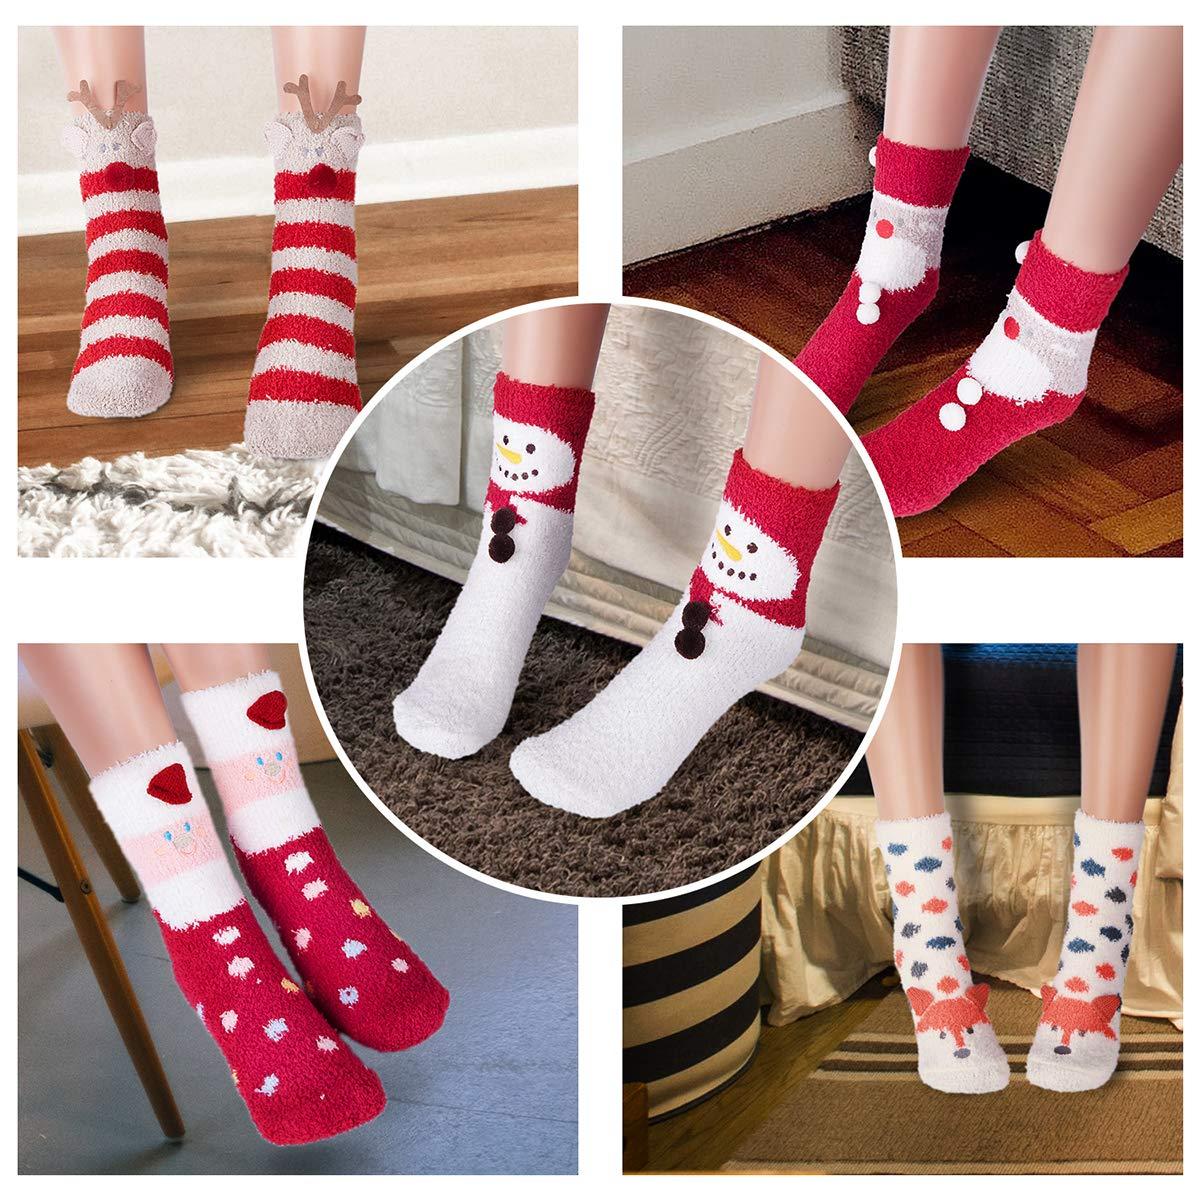 soffici e graziosi calzini natalizi caldi a pantofola per la casa LINXIN 5 paia di calzini da donna e ragazza calzini confortevoli con motivo animali